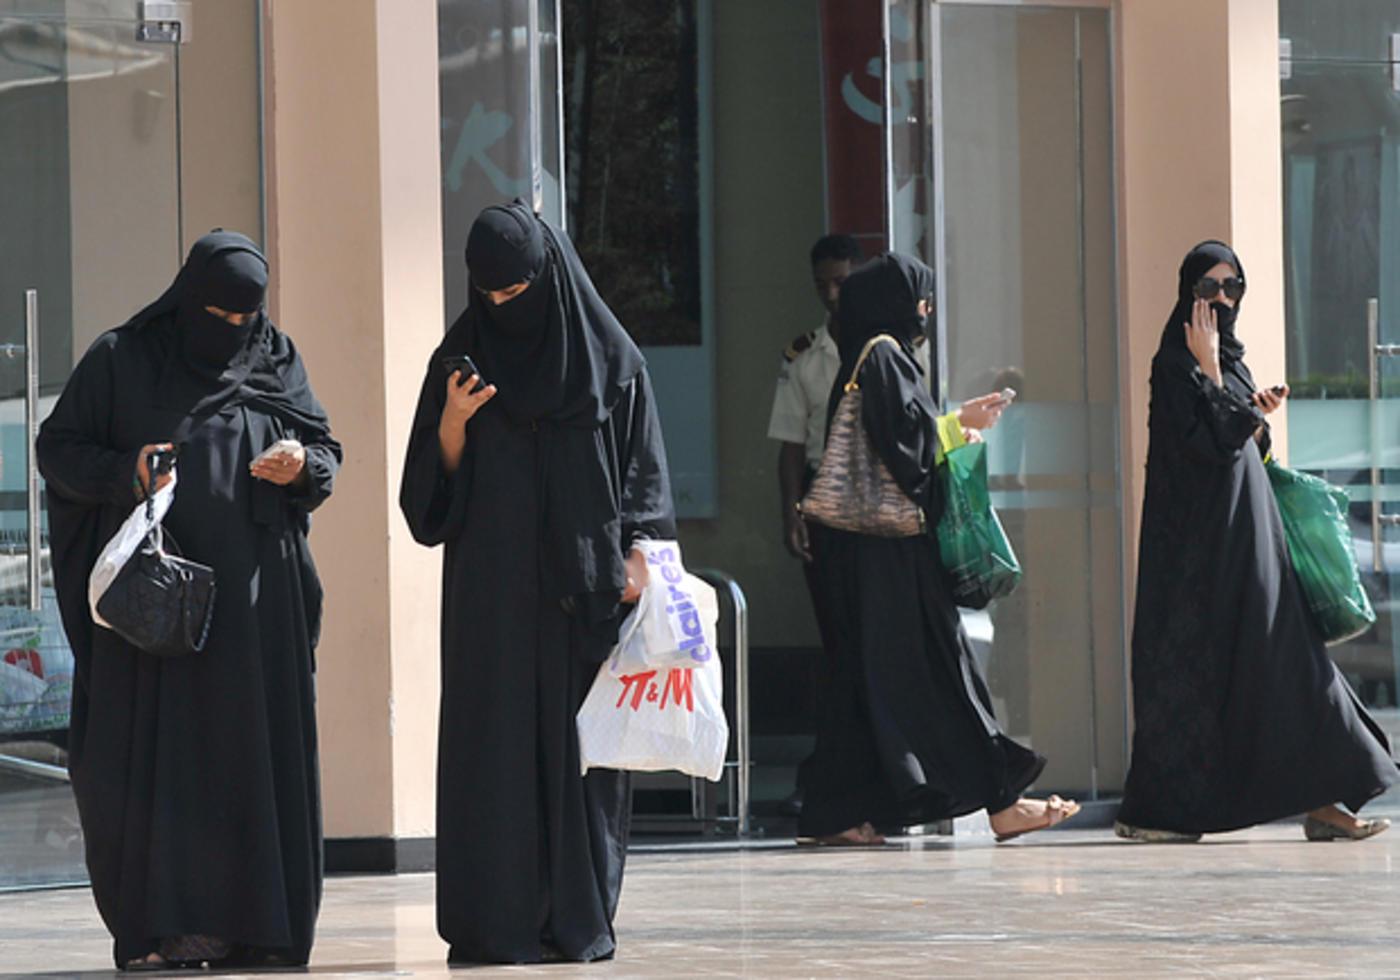 Cherche femme saoudienne pour mariage. Site de rencontre Saoudien Gratuit - Chat Arabie Saoudite